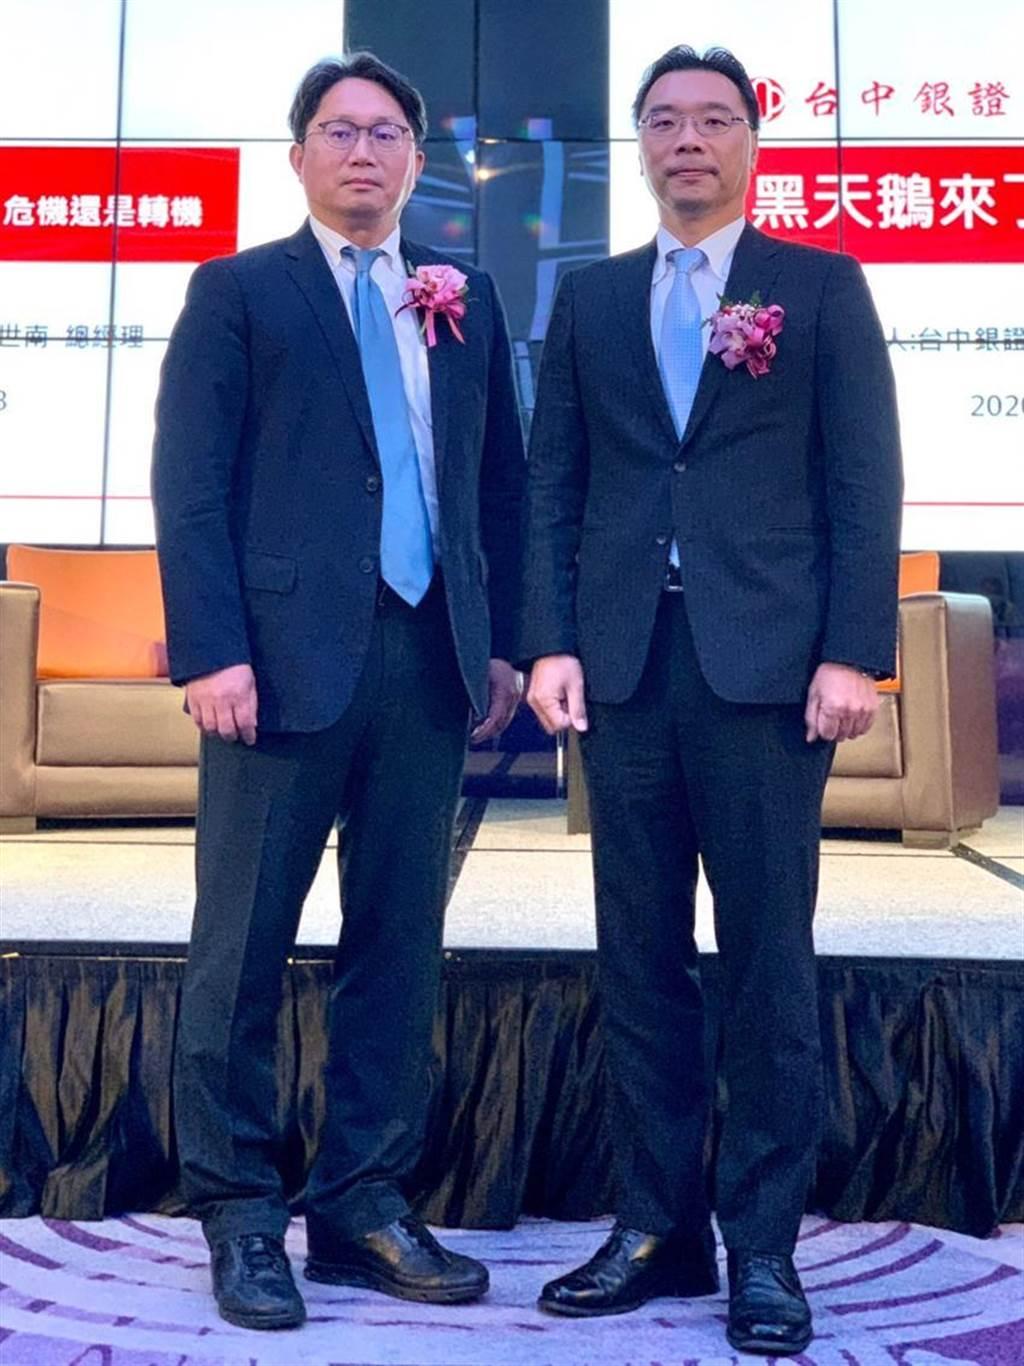 台中銀證券10/13於台中林酒店舉辦貴賓理財講座,台中銀證券總經理楊世南(右)及元大投信董事長劉宗聖合影。圖/台中銀證券提供